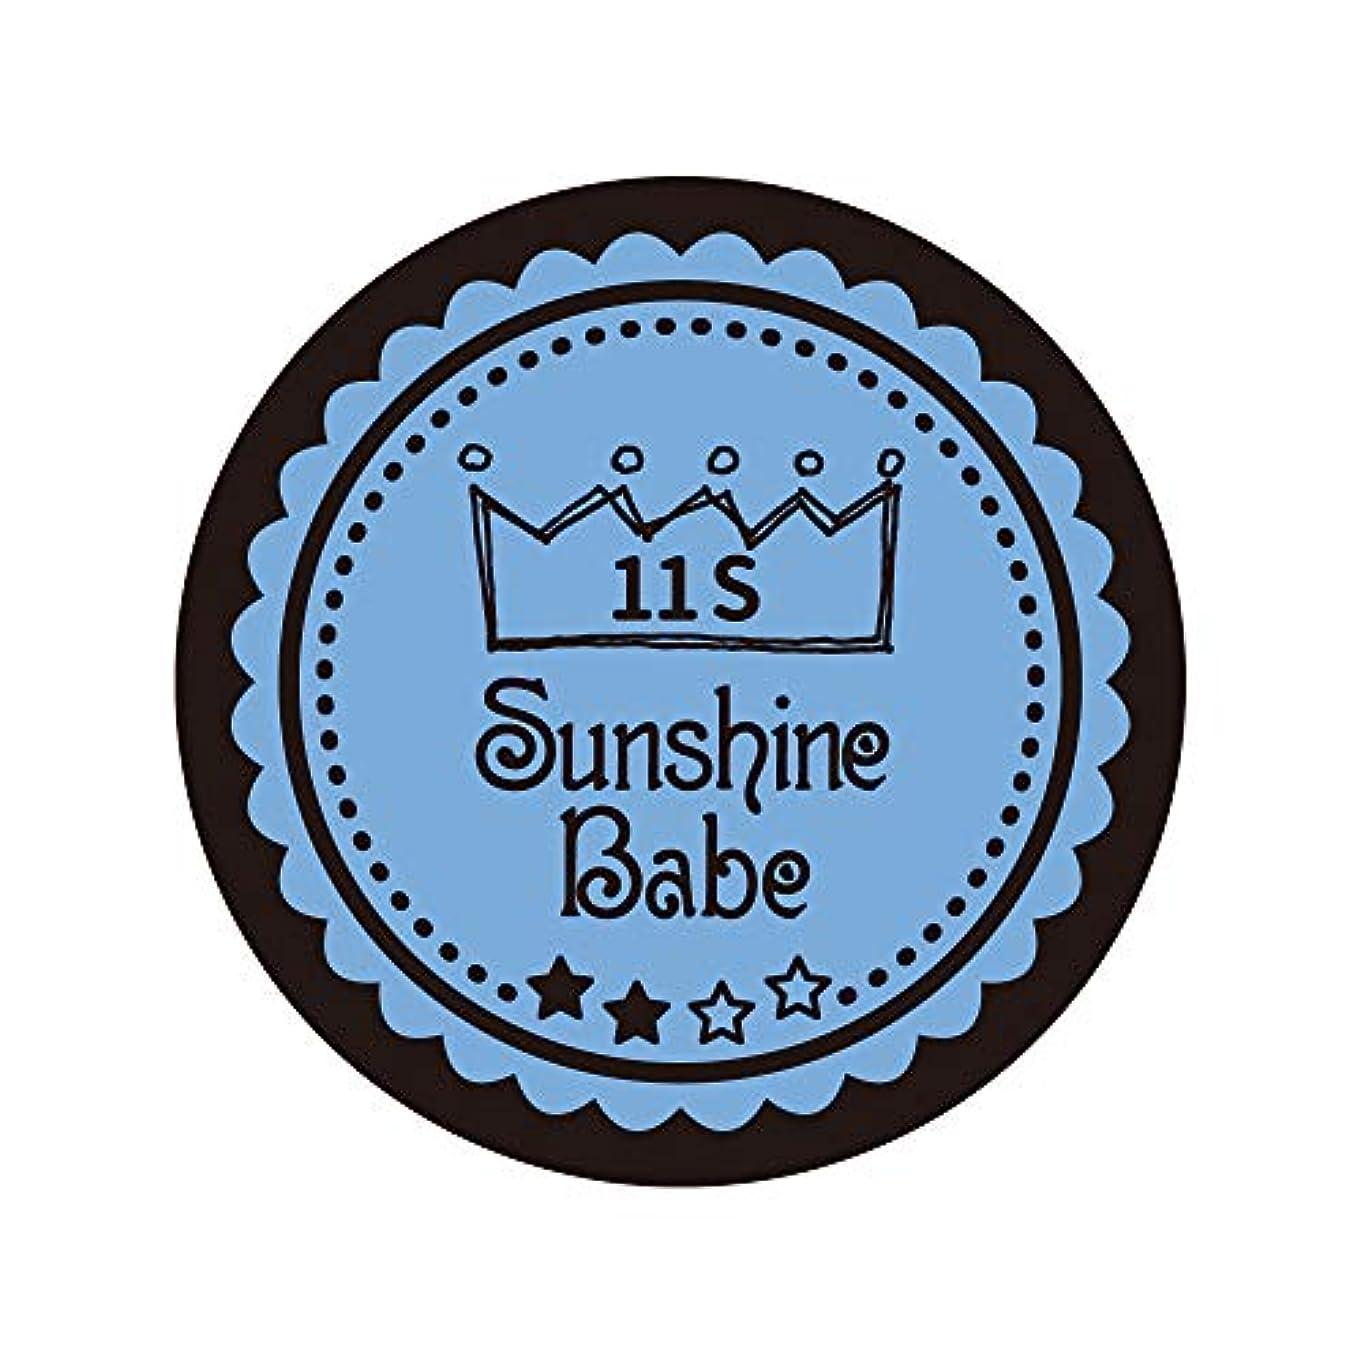 弱点細胞真っ逆さまSunshine Babe コスメティックカラー 11S リトルボーイブルー 4g UV/LED対応